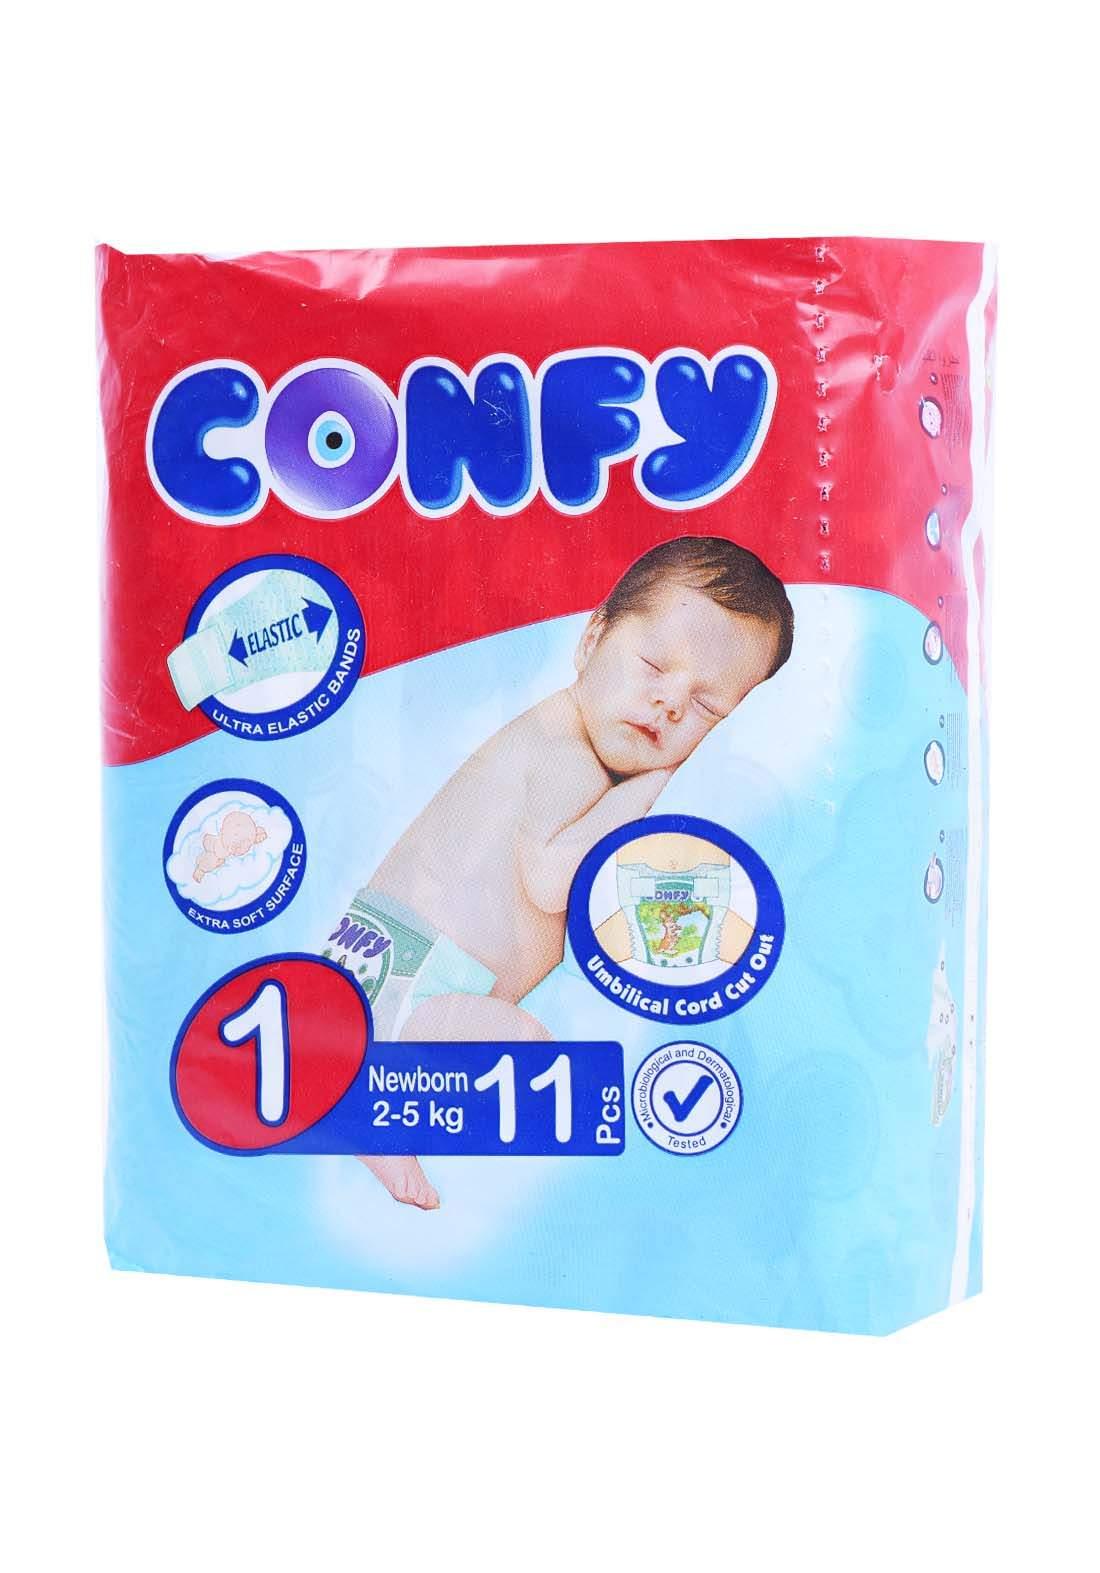 Confy 2-5 Kg 11 Pcs حفاضات  كونفي للاطفال عادي رقم 1